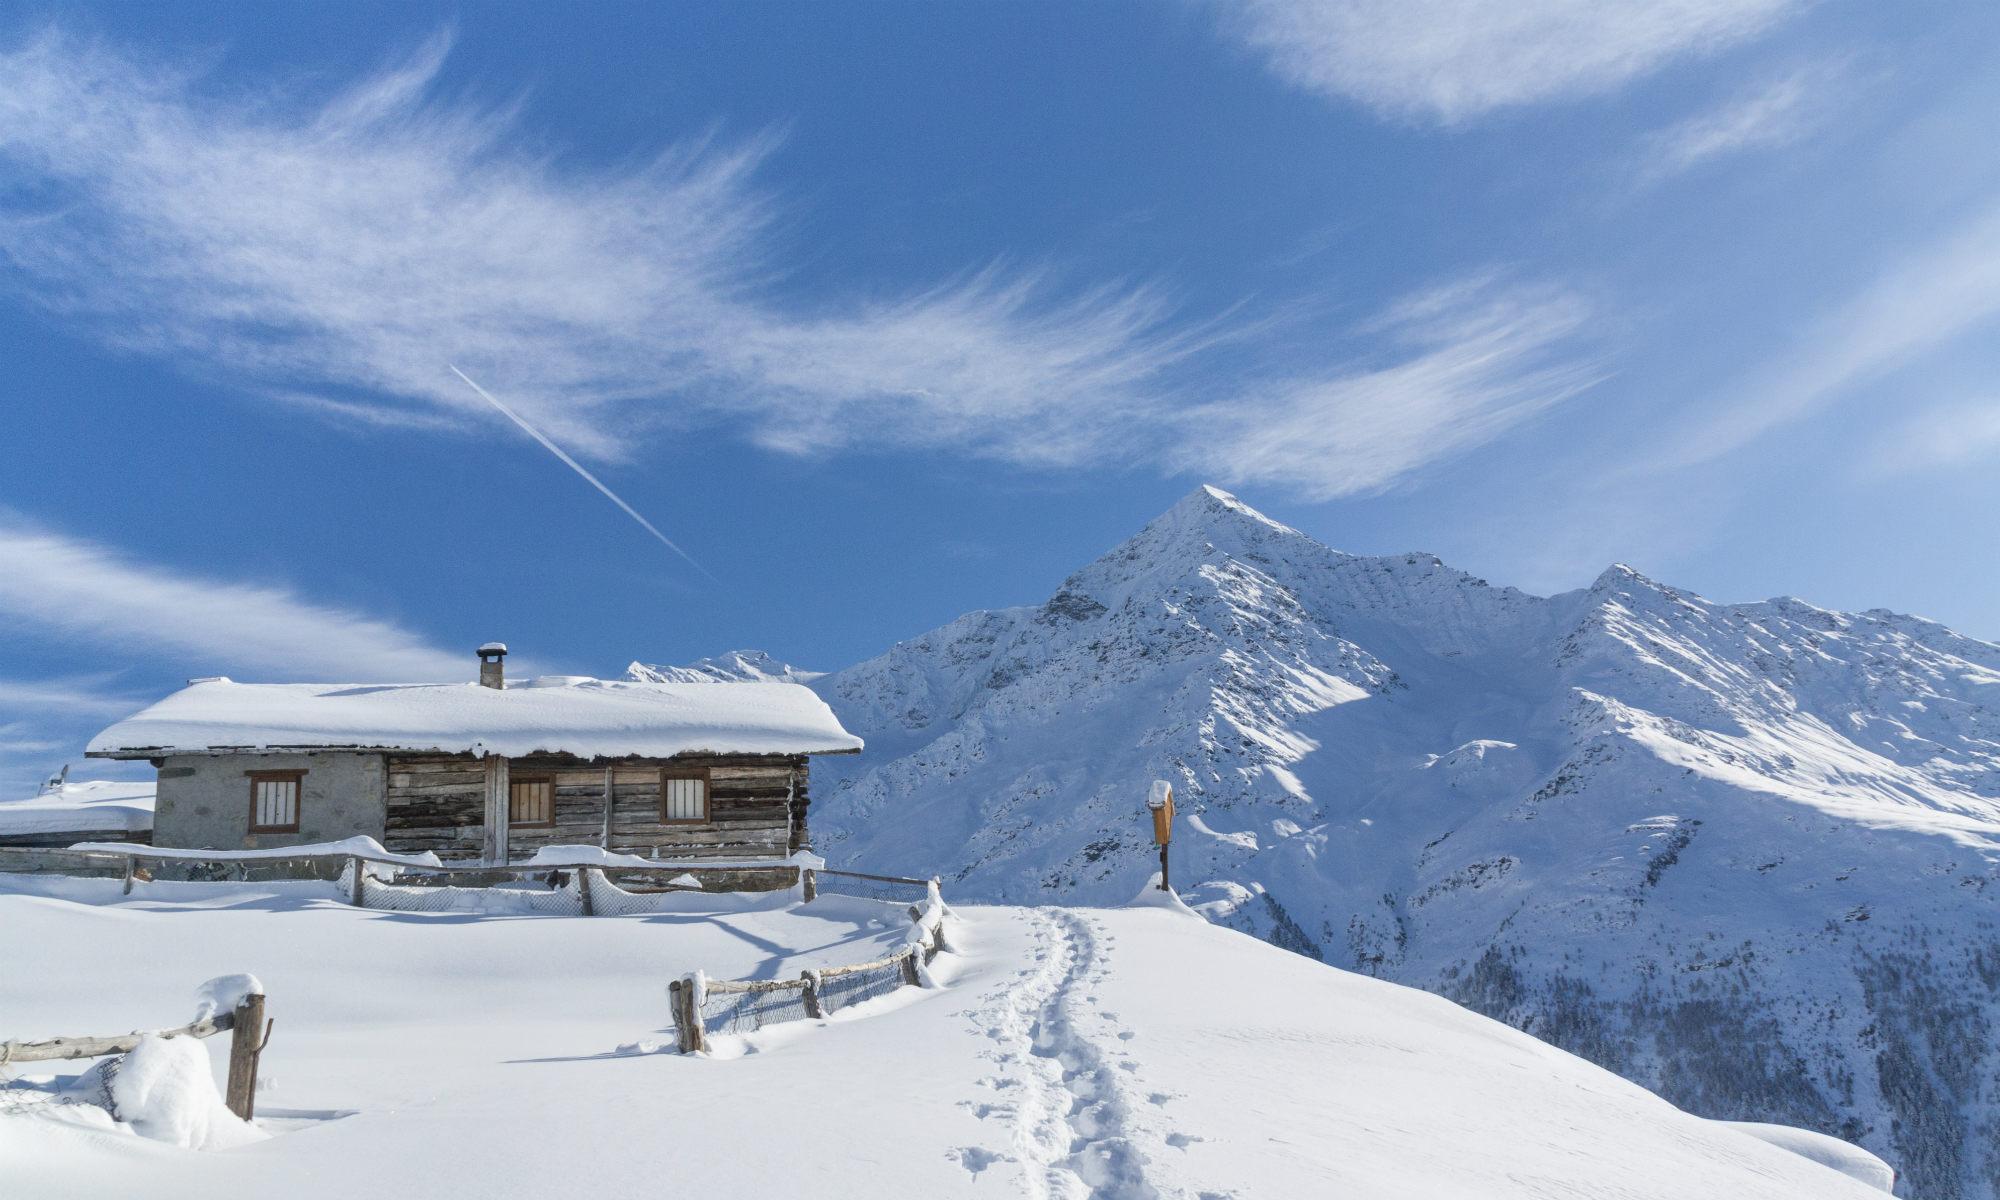 Il cielo azzurro e la neve candida rendono il panorama del Parco Nazionale dello Stelvio un posto mozzafiato.